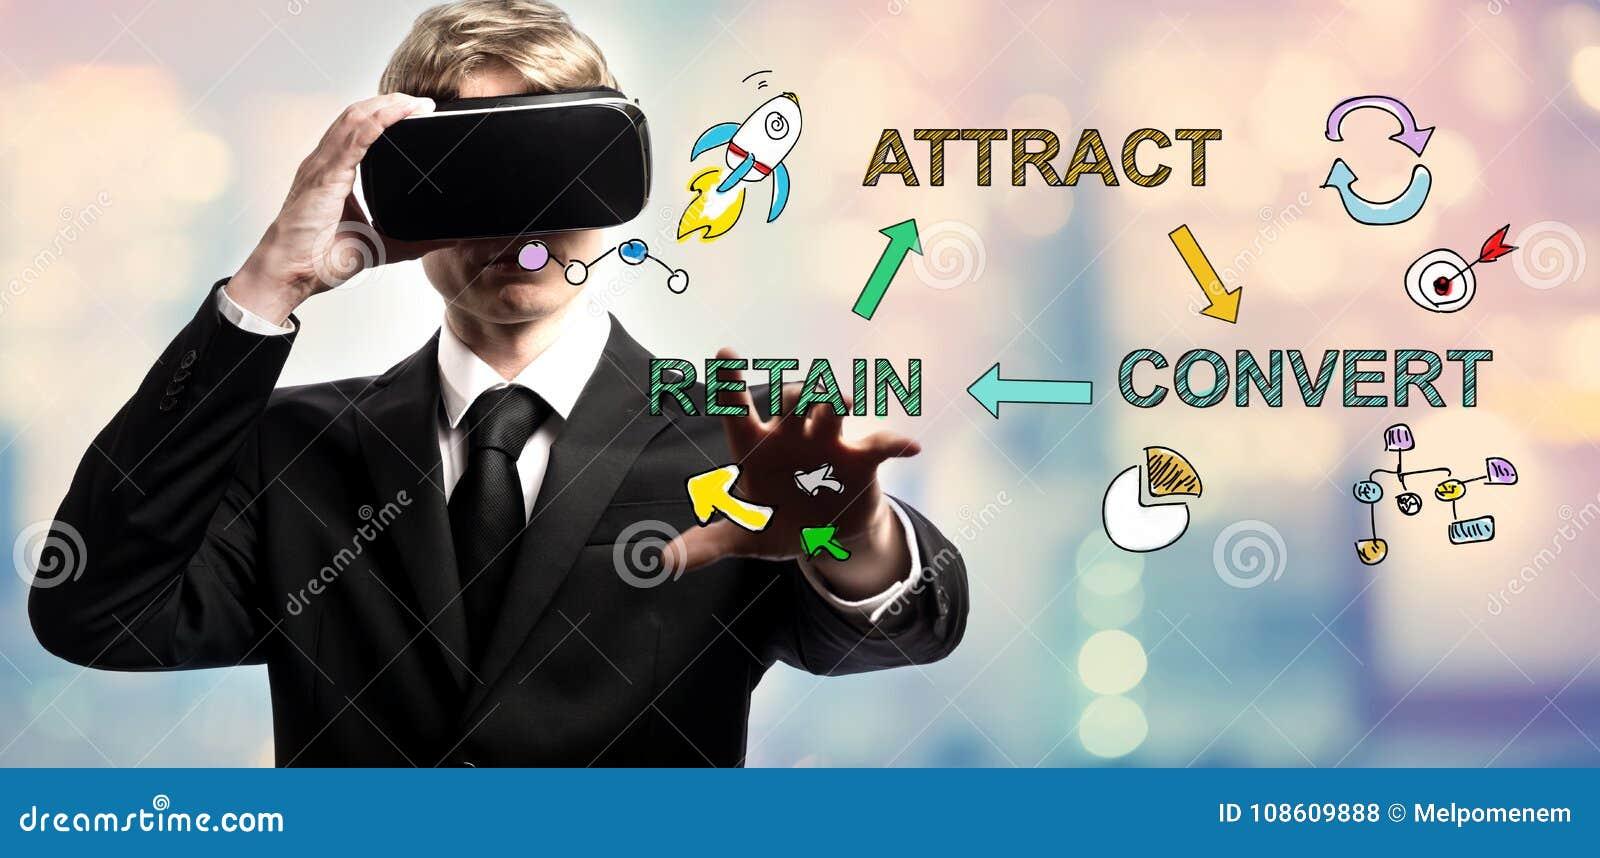 Προσελκύστε το νεοφώτιστο διατηρεί το κείμενο με τον επιχειρηματία χρησιμοποιώντας μια εικονική πραγματικότητα